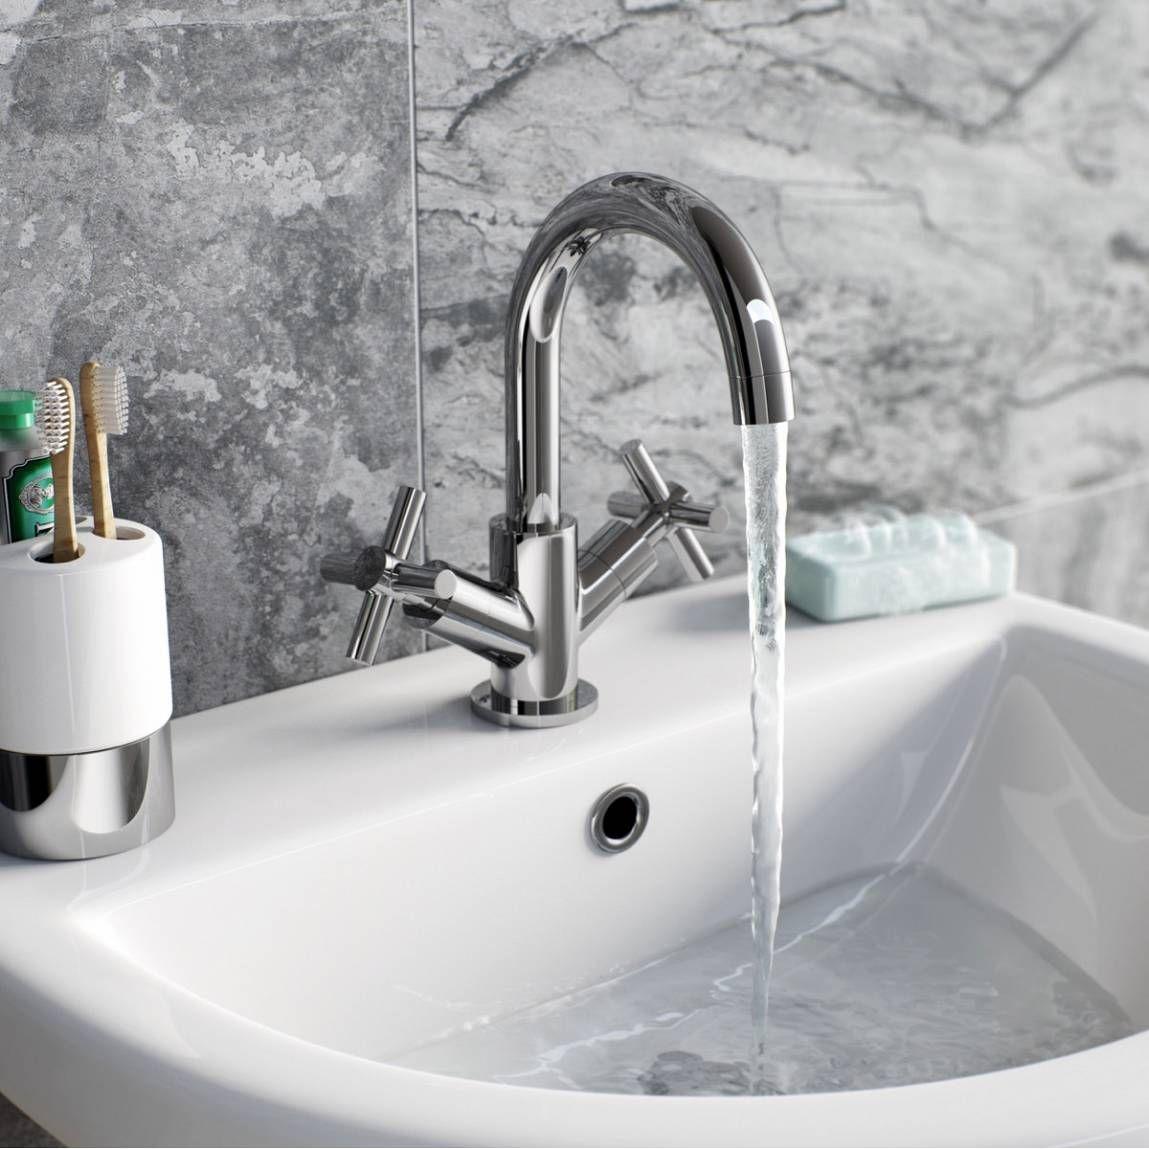 Alexa Basin Mixer Victoria Plumb Shower Mixer Taps Basin Mixer Taps Basin Mixer